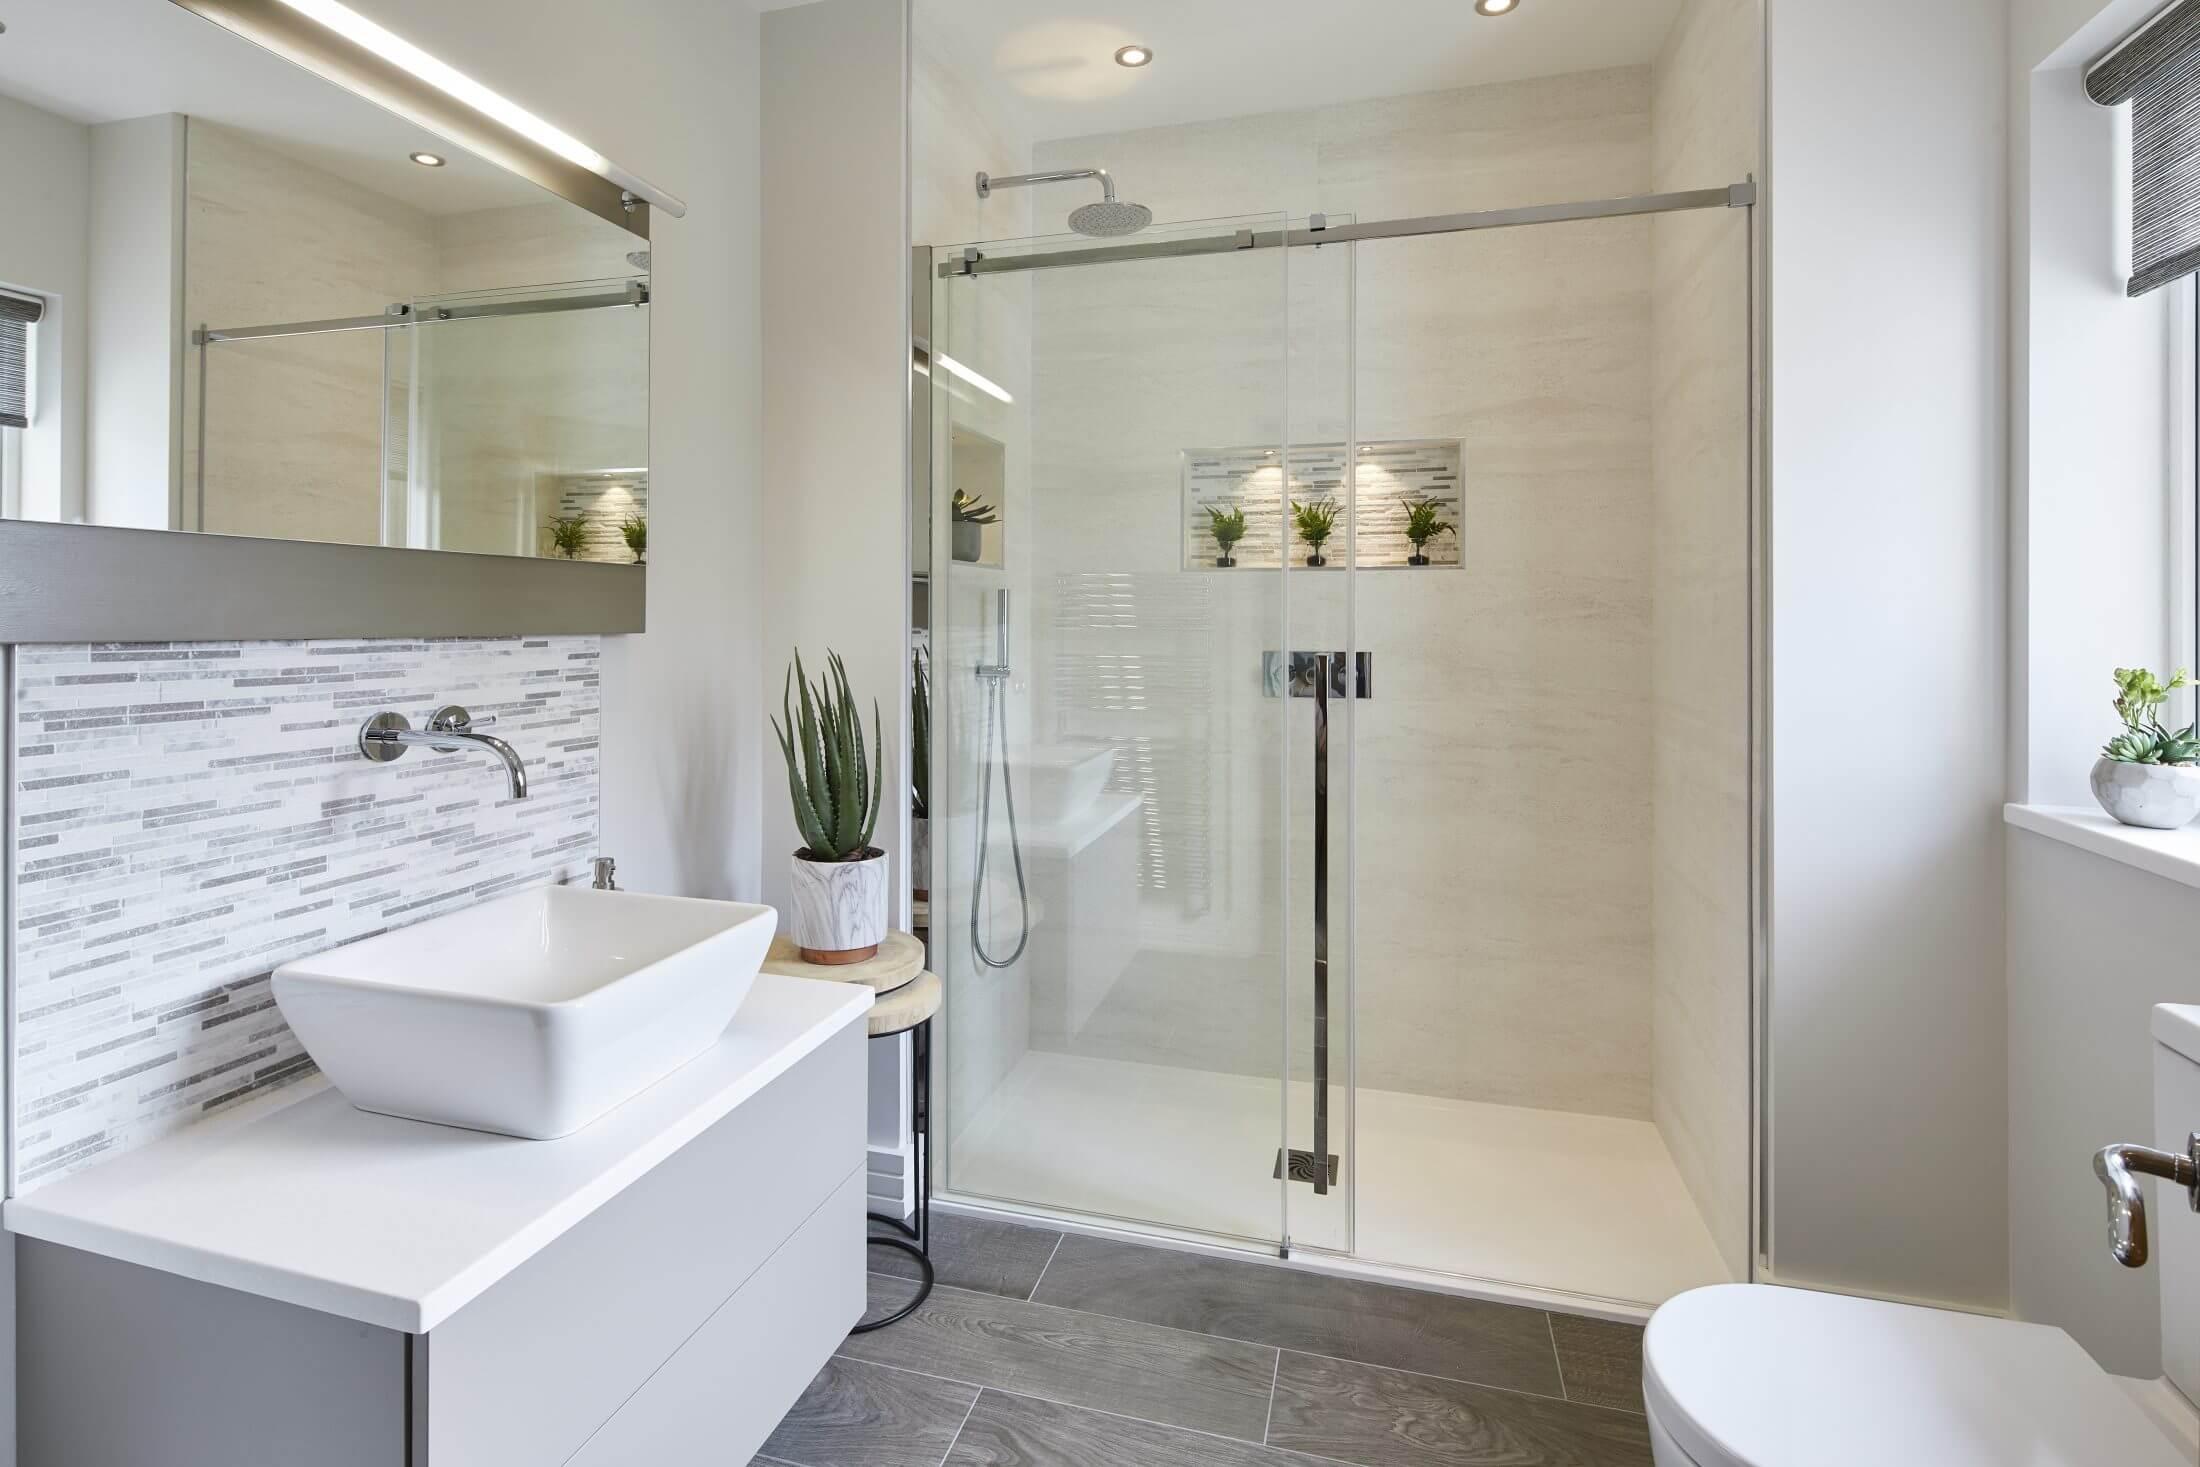 Bathroom-Eleven-Ensuite-in-Weybridge